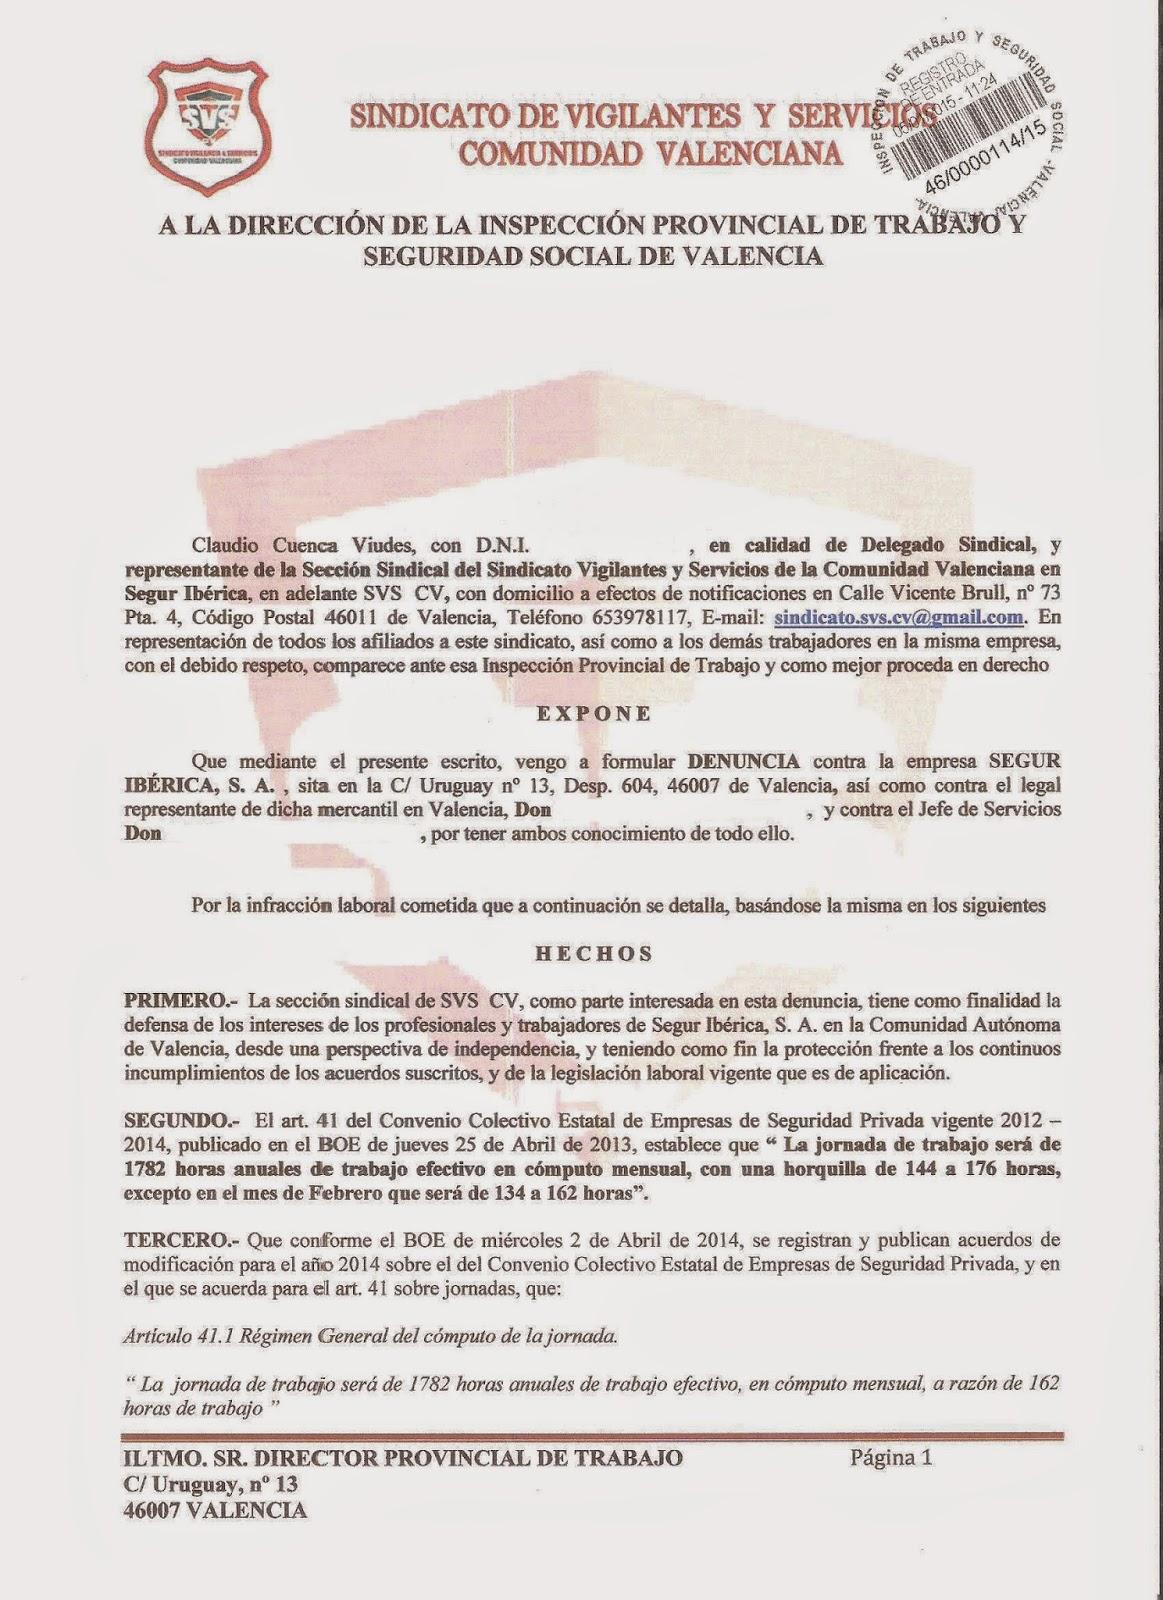 S v s cv segur ib rica valencia dos denuncias m s ante for Convenio colectivo de oficinas y despachos valencia